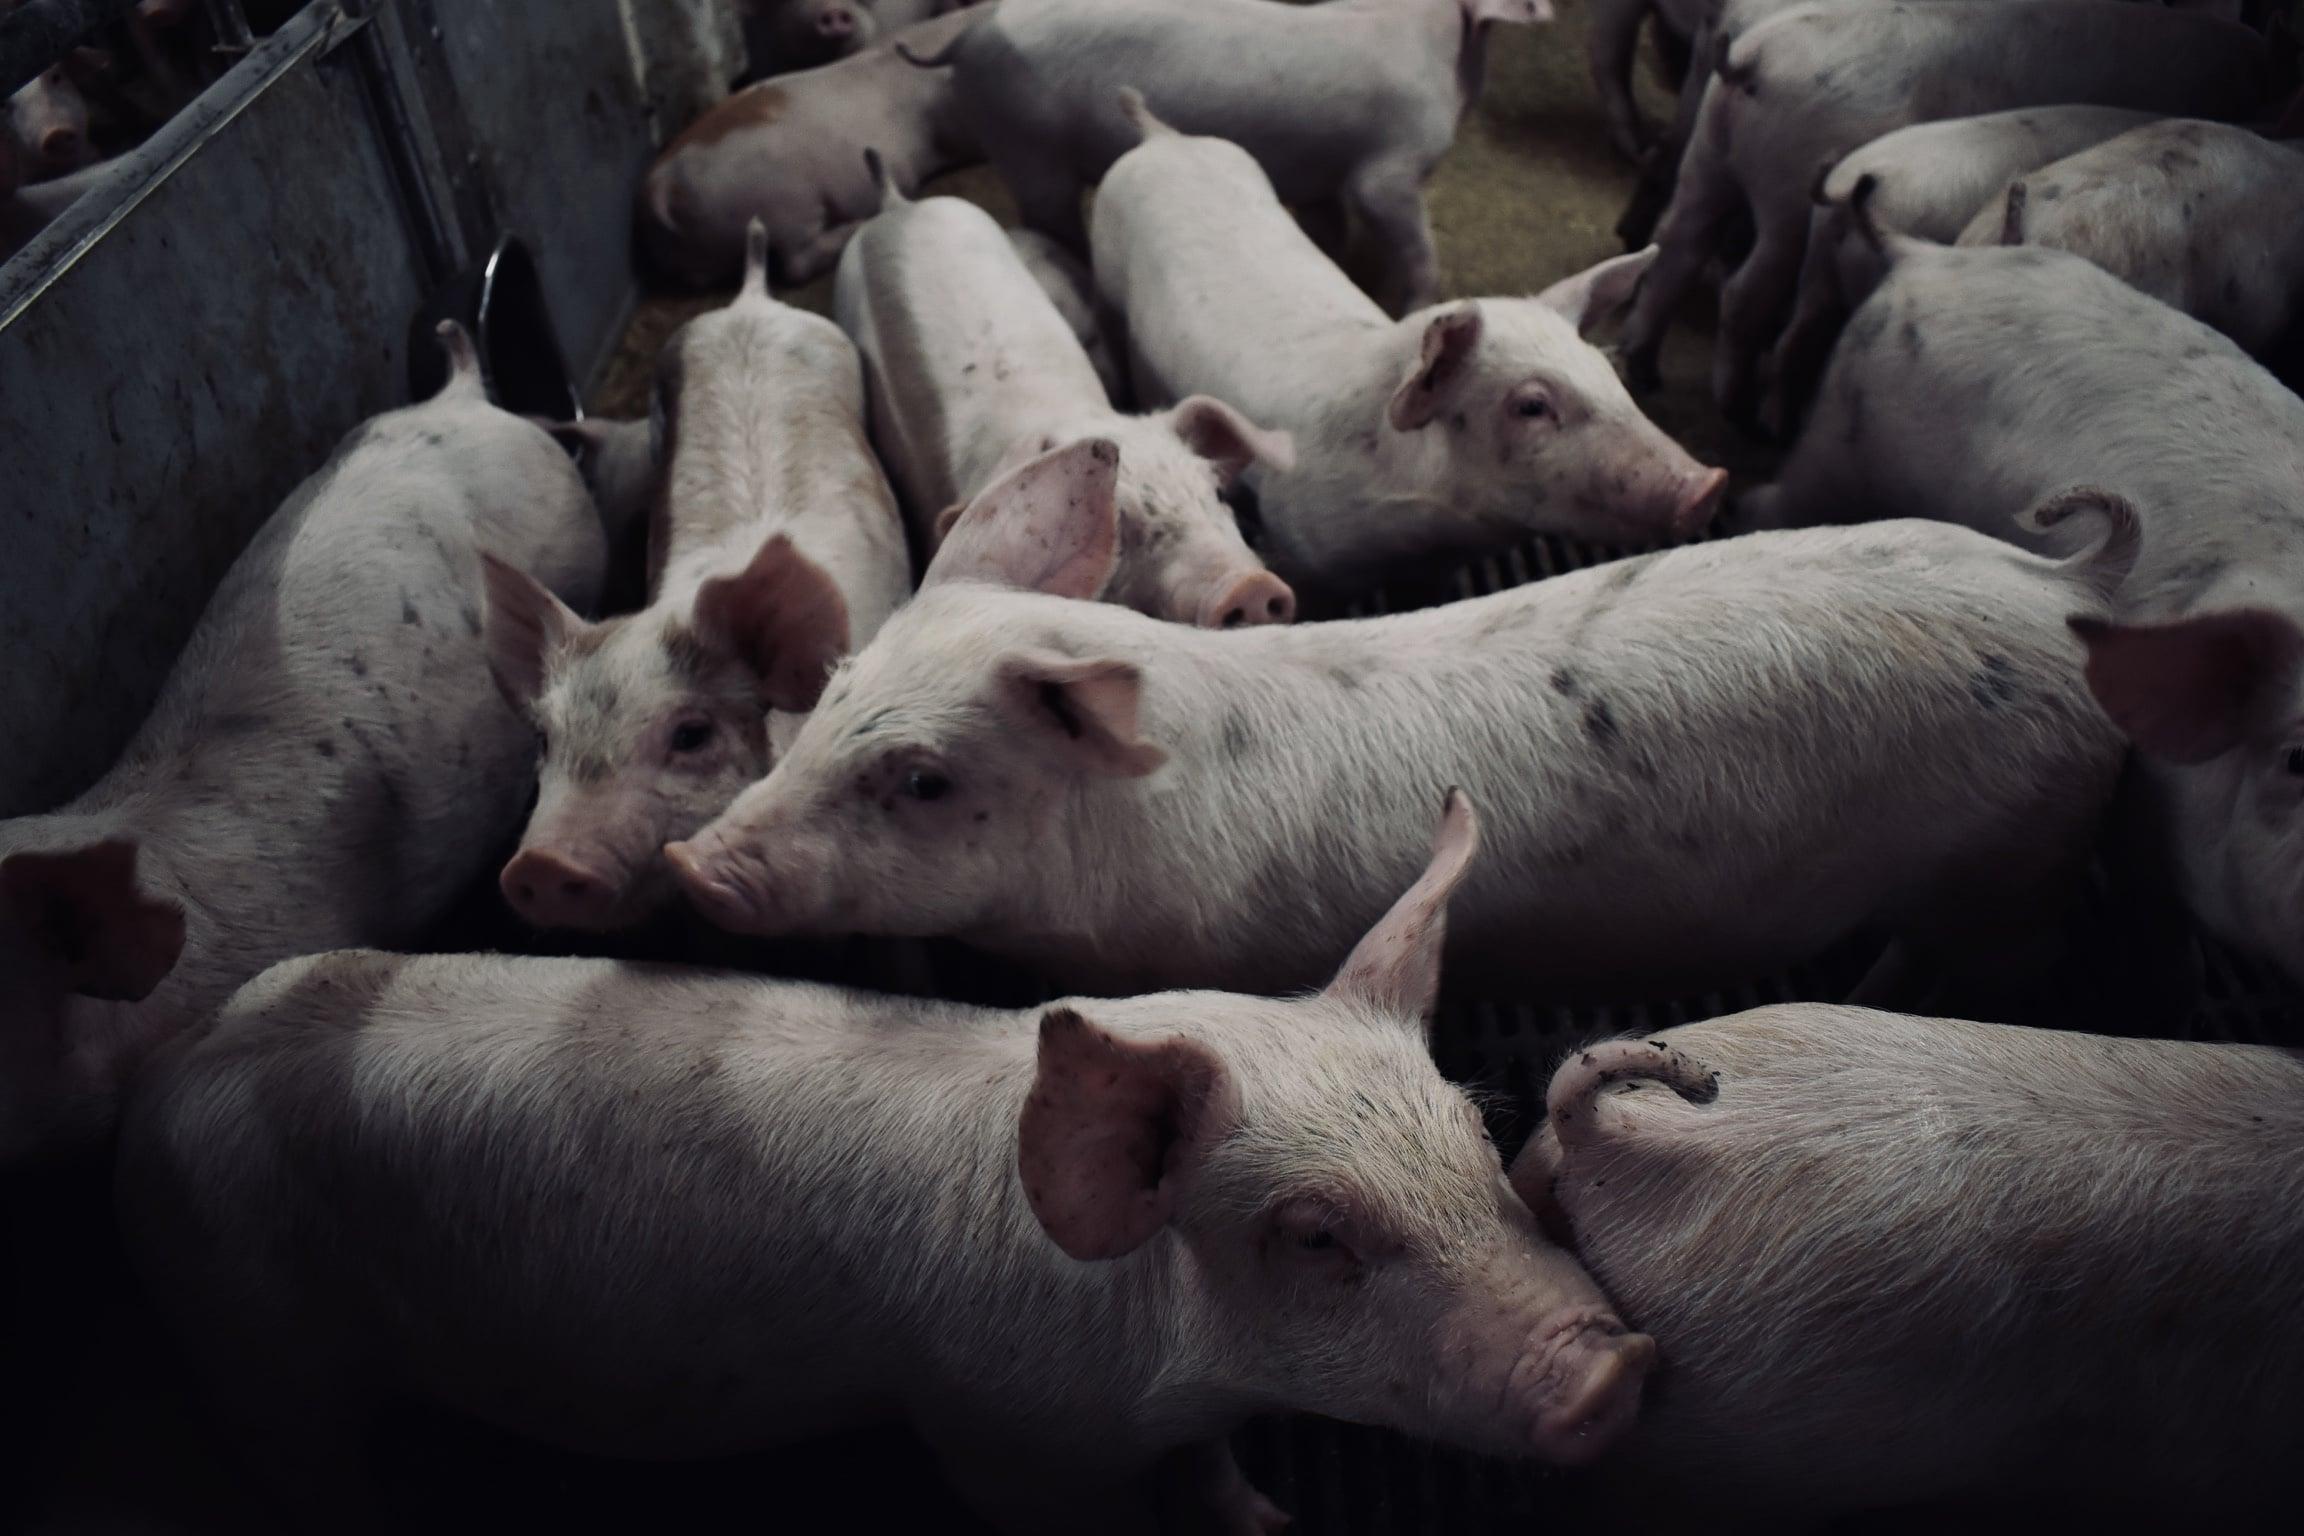 Hvad med de dygtige landmænd, som arbejder med dyrene?